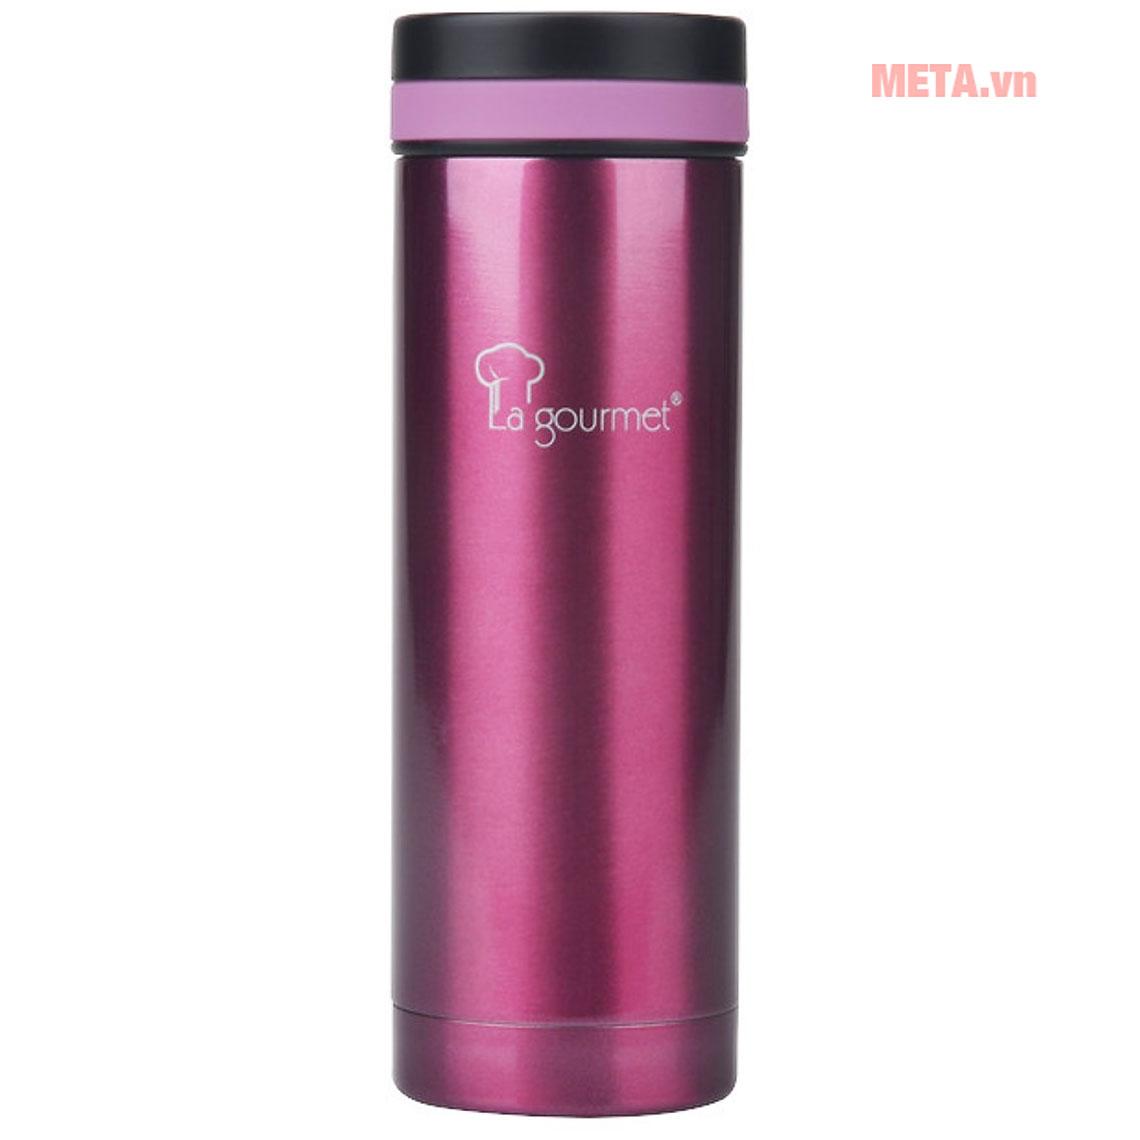 Bình giữ nhiệt 300ml màu hồng